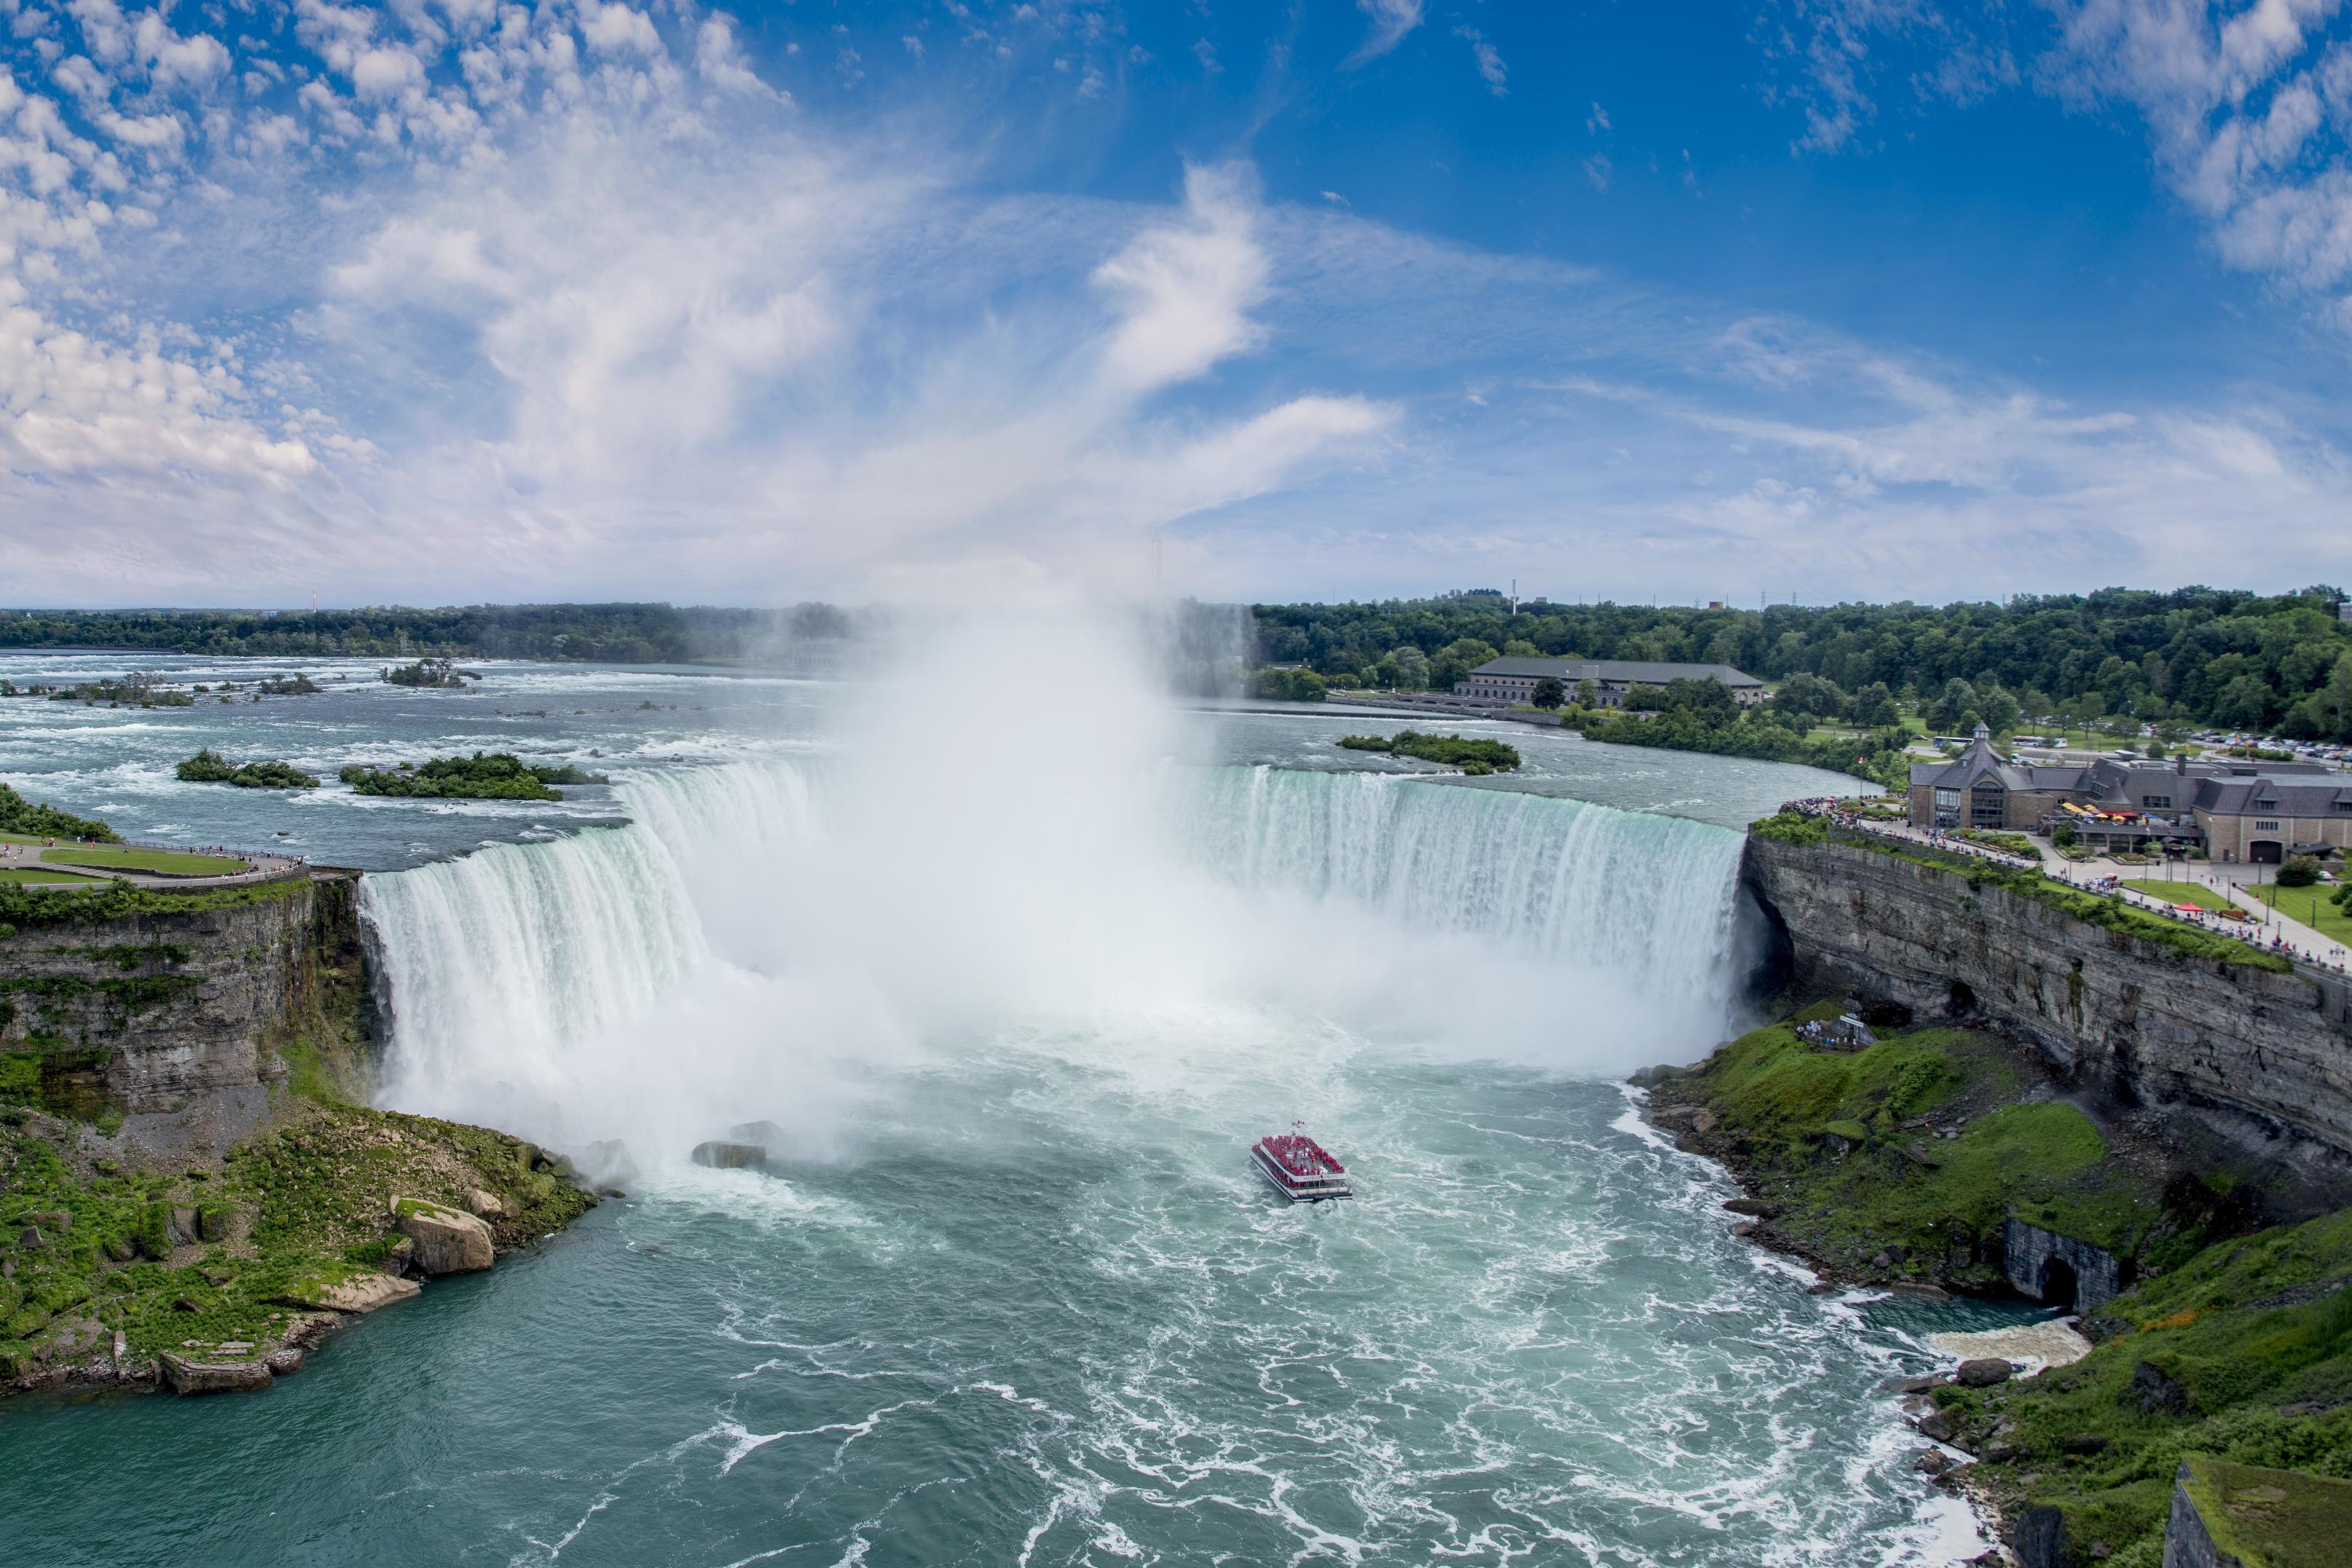 Die Landpartie Radeln und Reisen in Kanada Niagarafälle